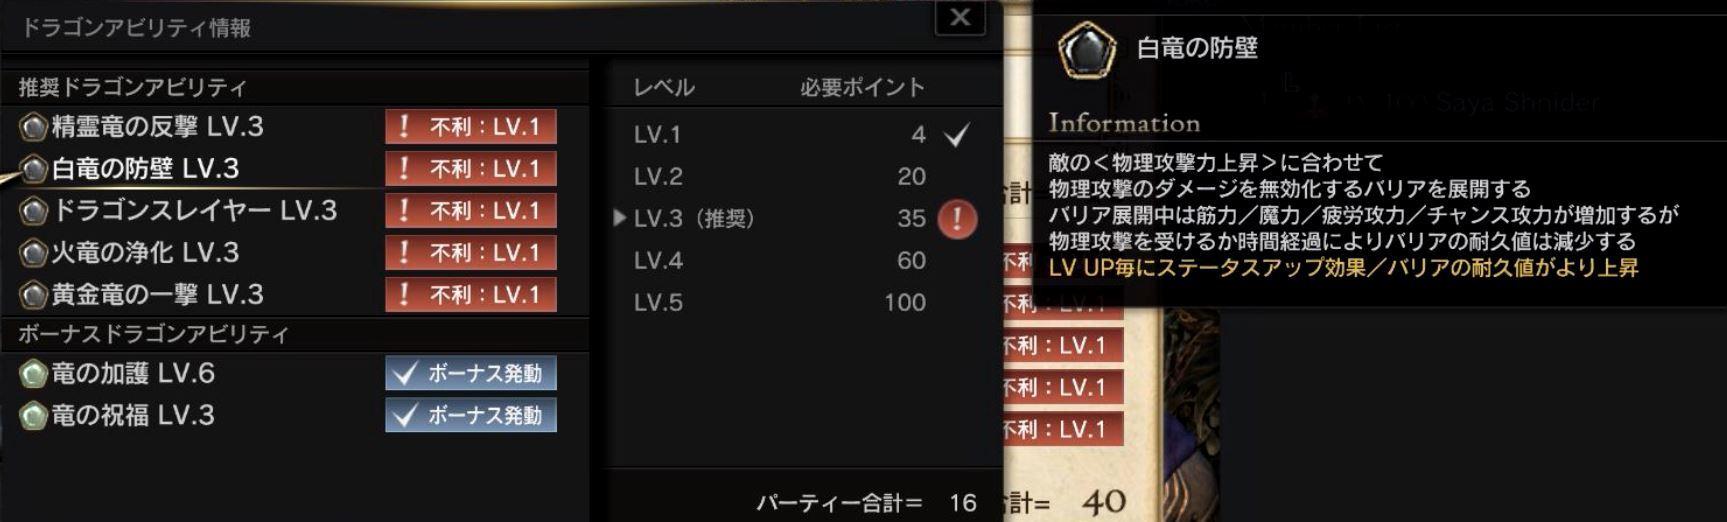 DA_2.jpg